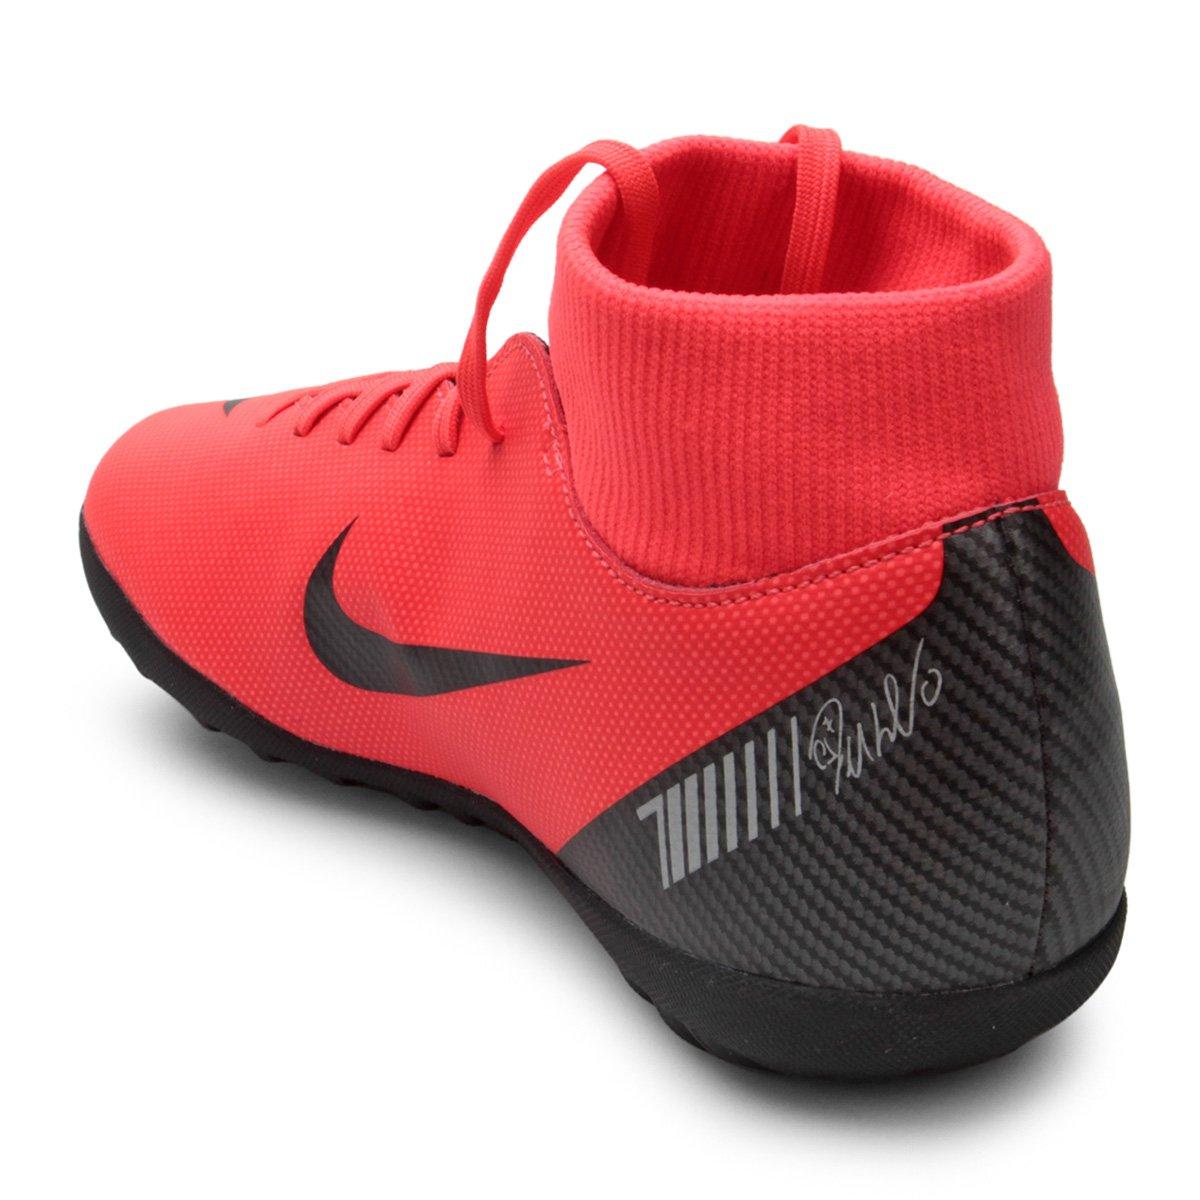 152a1a6a2c Chuteira Society Nike Superfly 6 Club CR7 TF - Vermelho e Preto ...